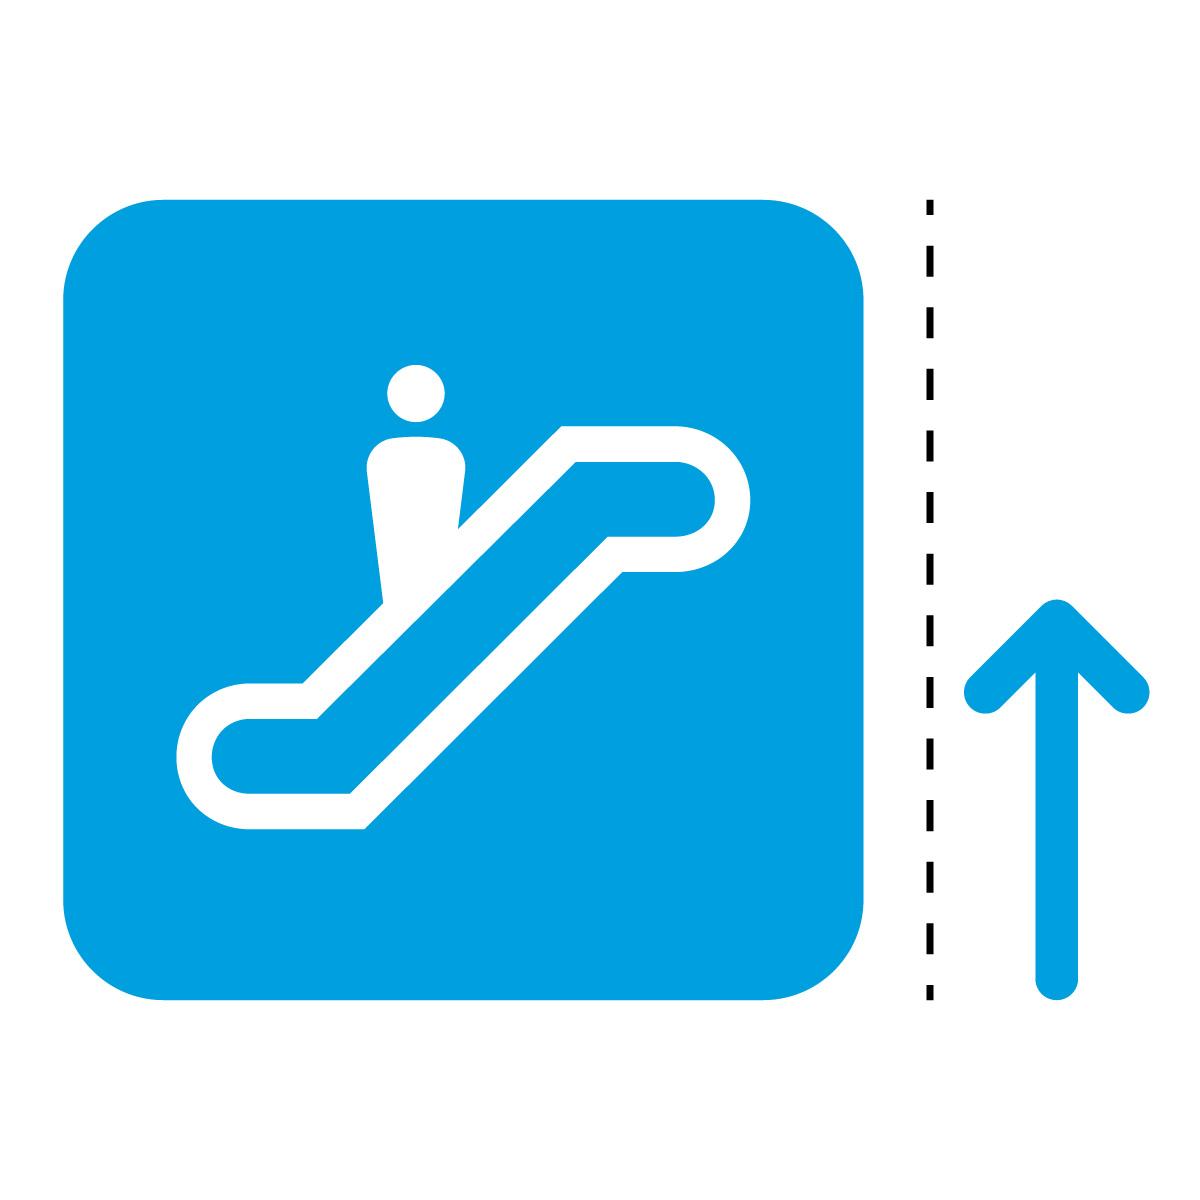 青色のエスカレーター案内マーク(矢印付き)のカッティングステッカー・シール